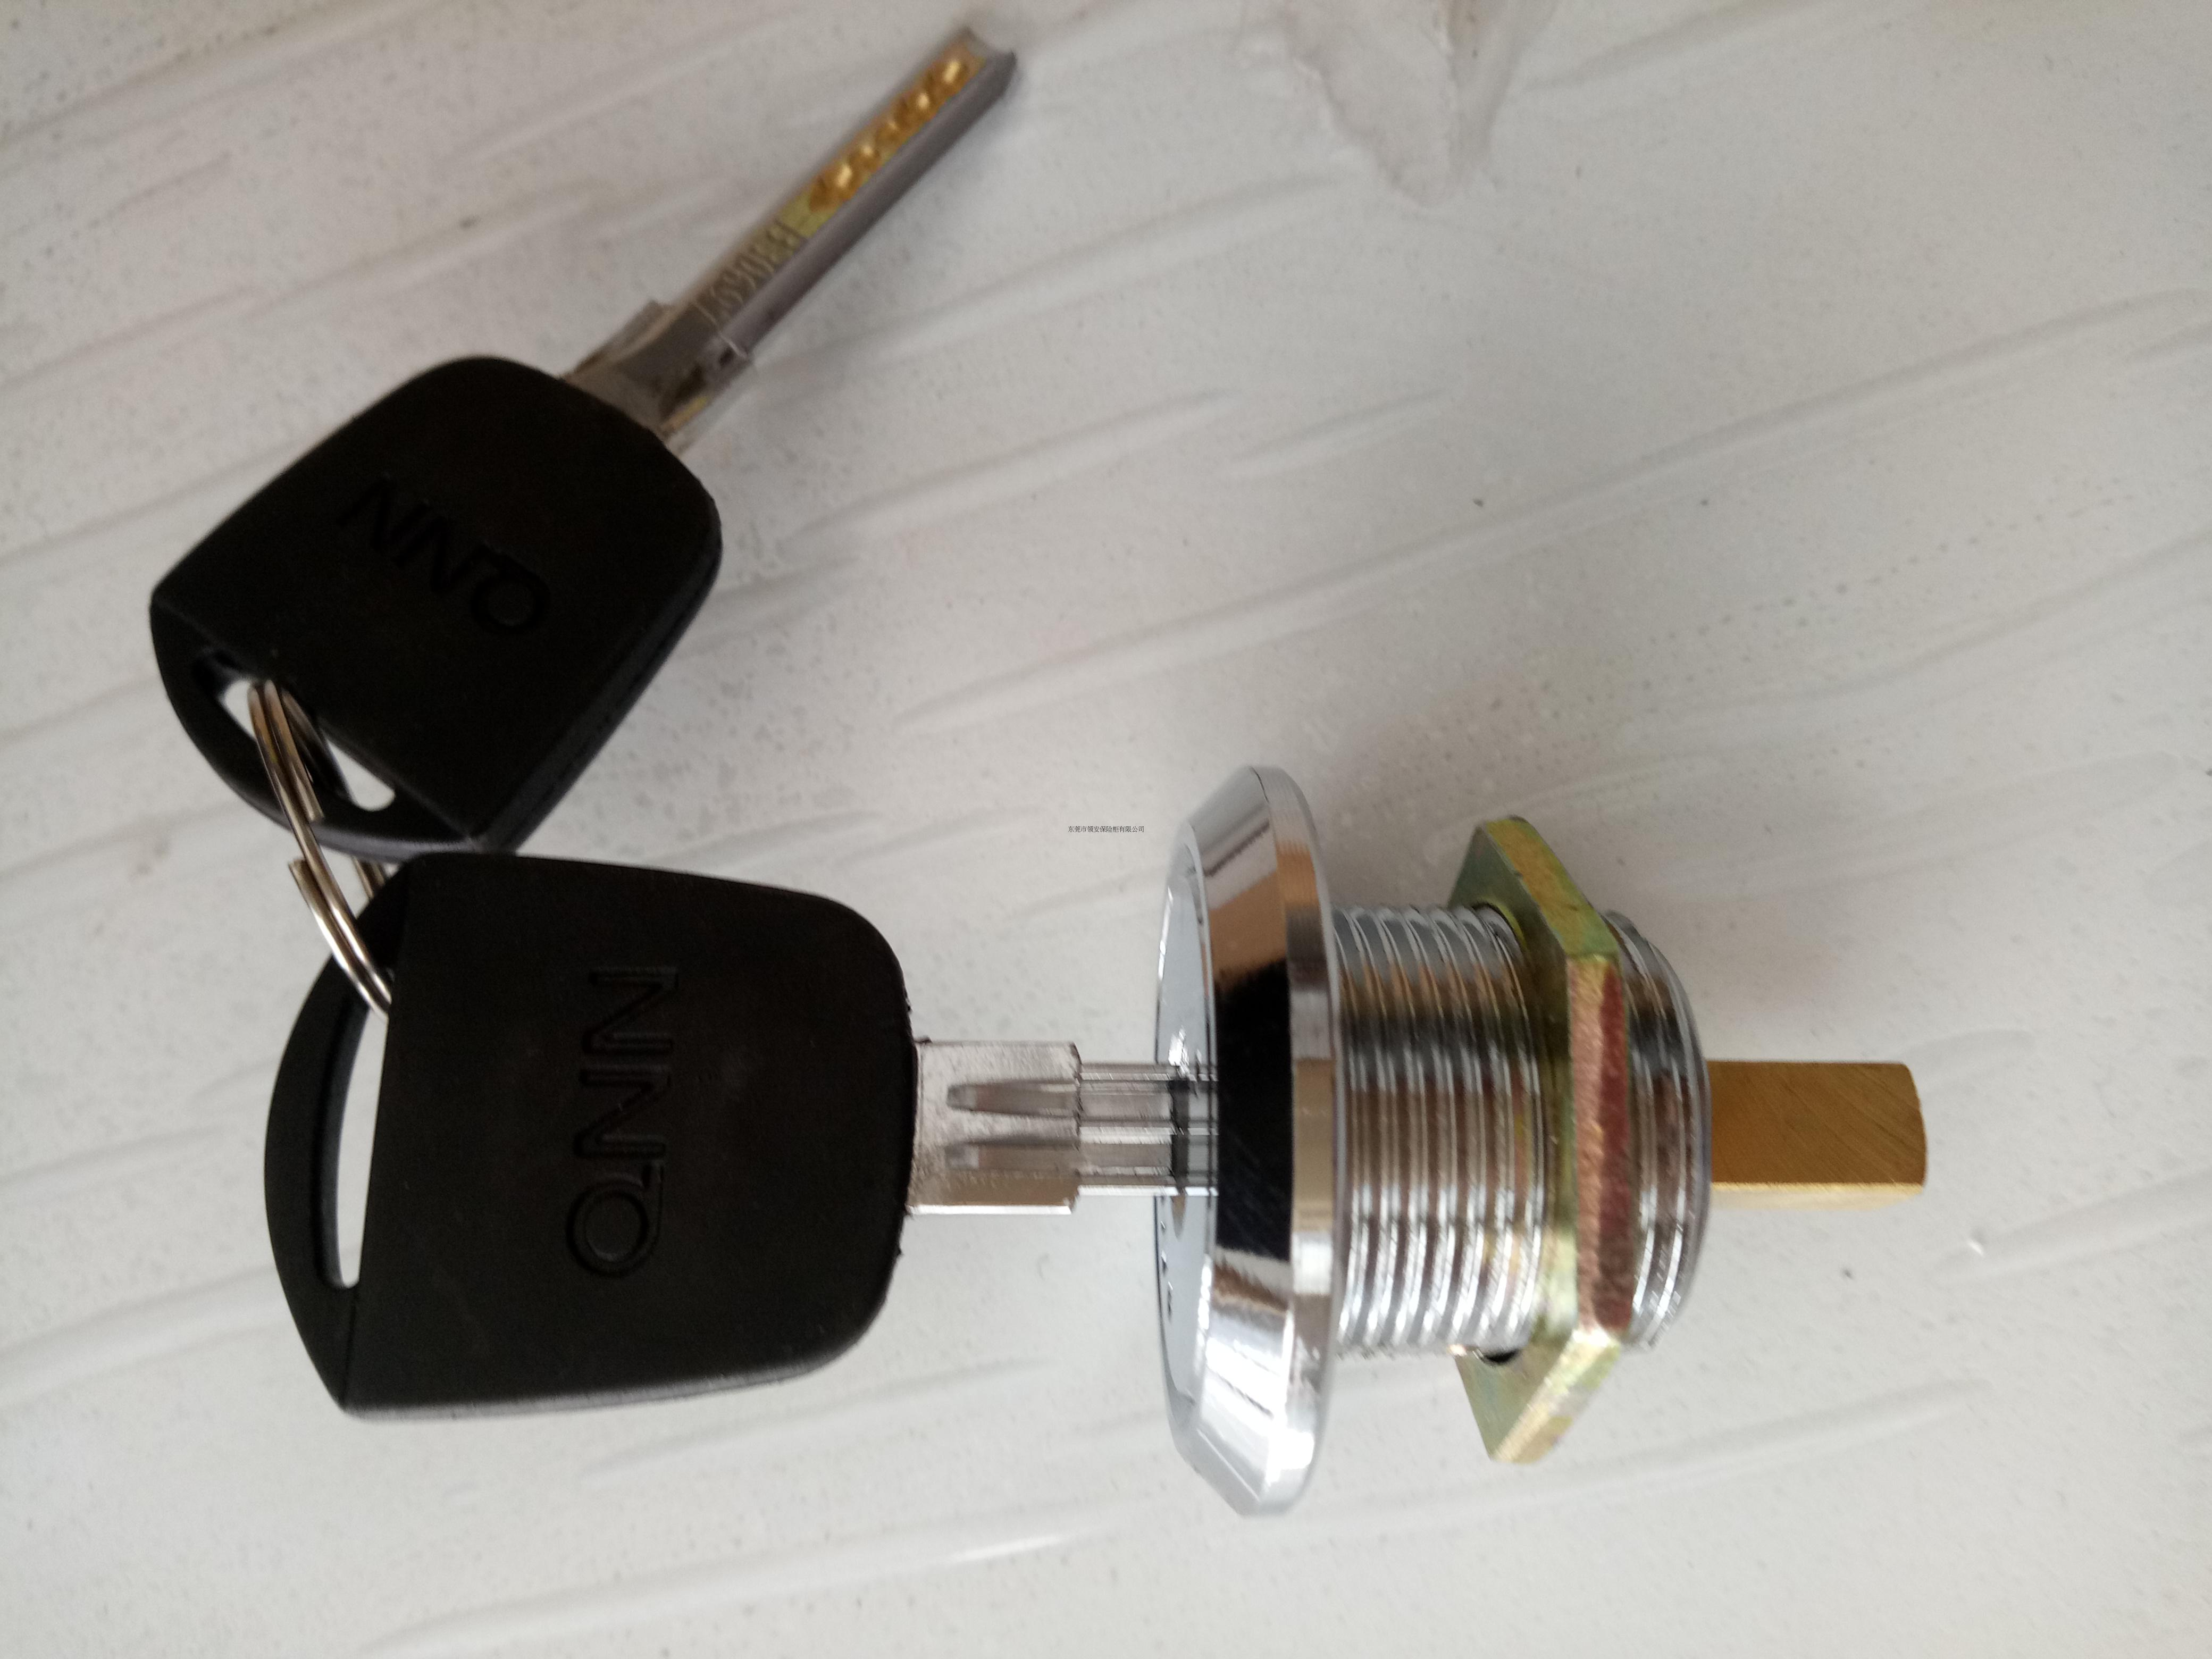 Цилиндр безопасного замка полностью Безопасный замок электронный код безопасный замок головка блока цилиндров дверь примерка